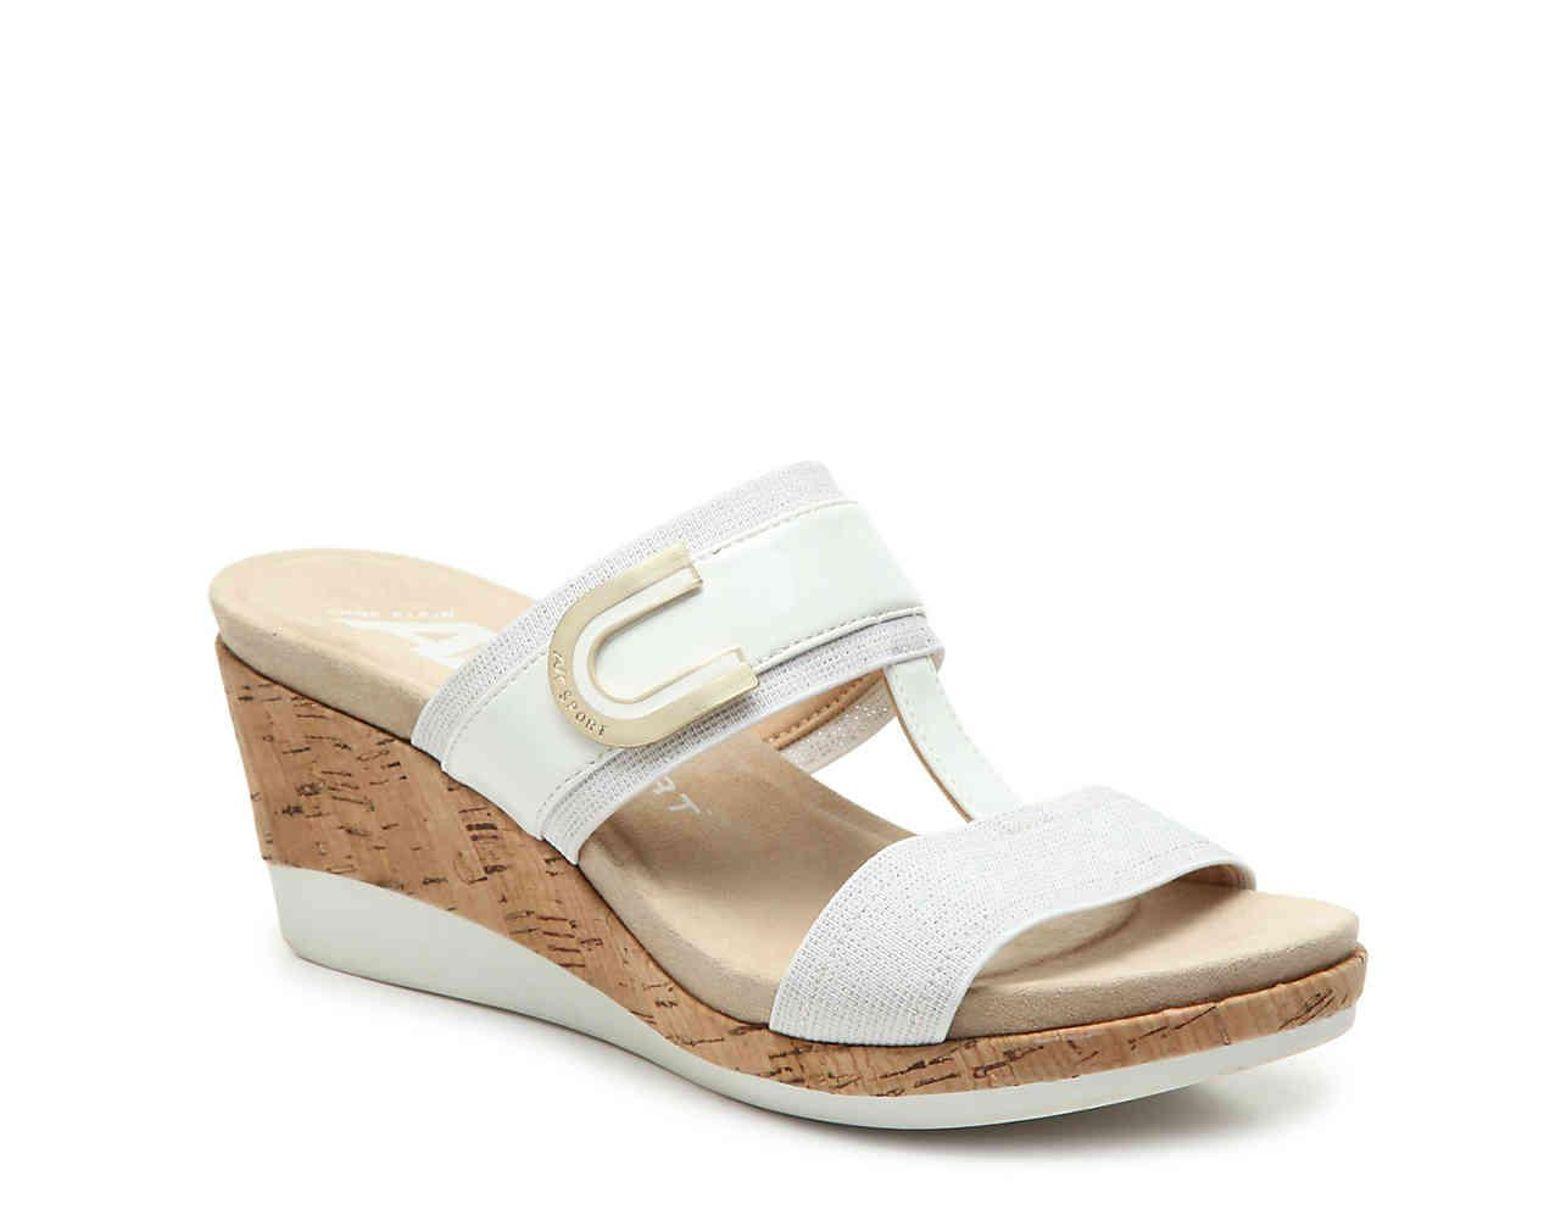 e07e528ce Anne Klein Sport Pax Wedge Sandal in White - Lyst